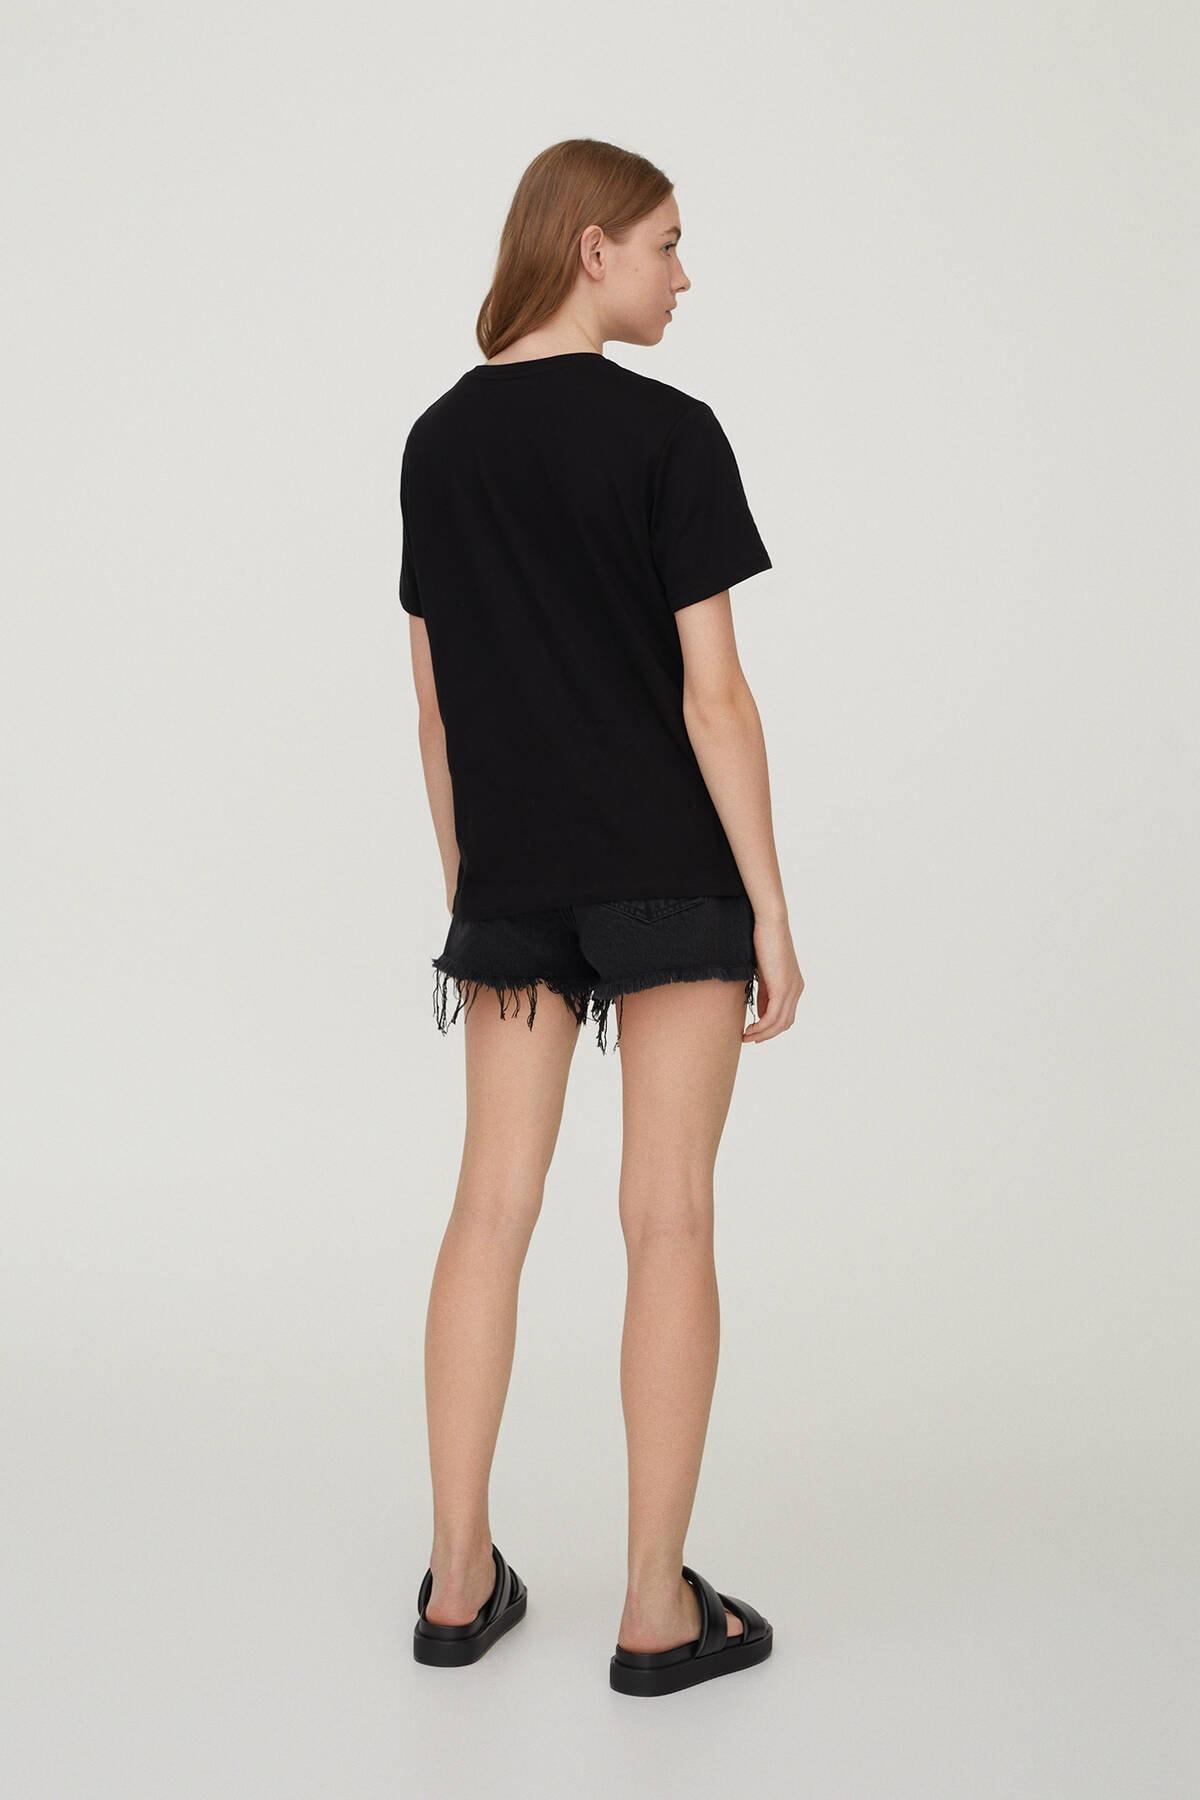 Pull & Bear Kadın Siyah Plaka Görselli T-Shirt 09247392 2